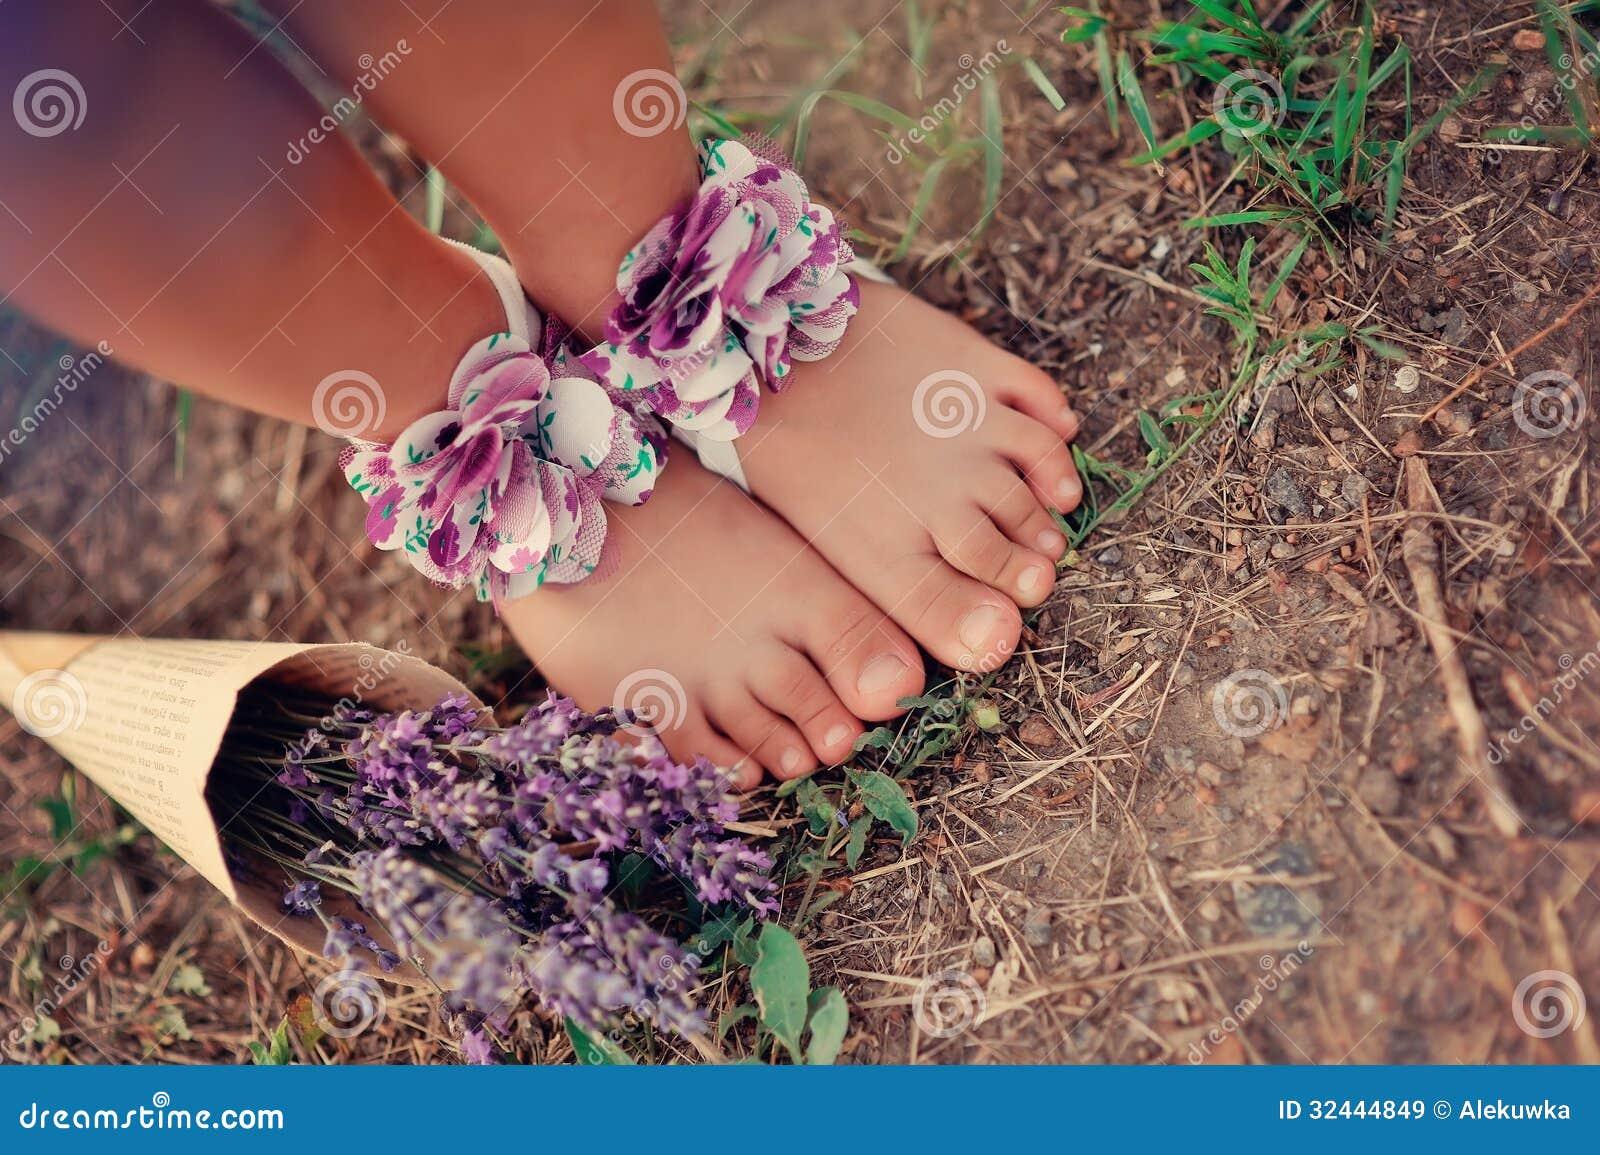 Children S Feet Stock Image Image Of Family Garden